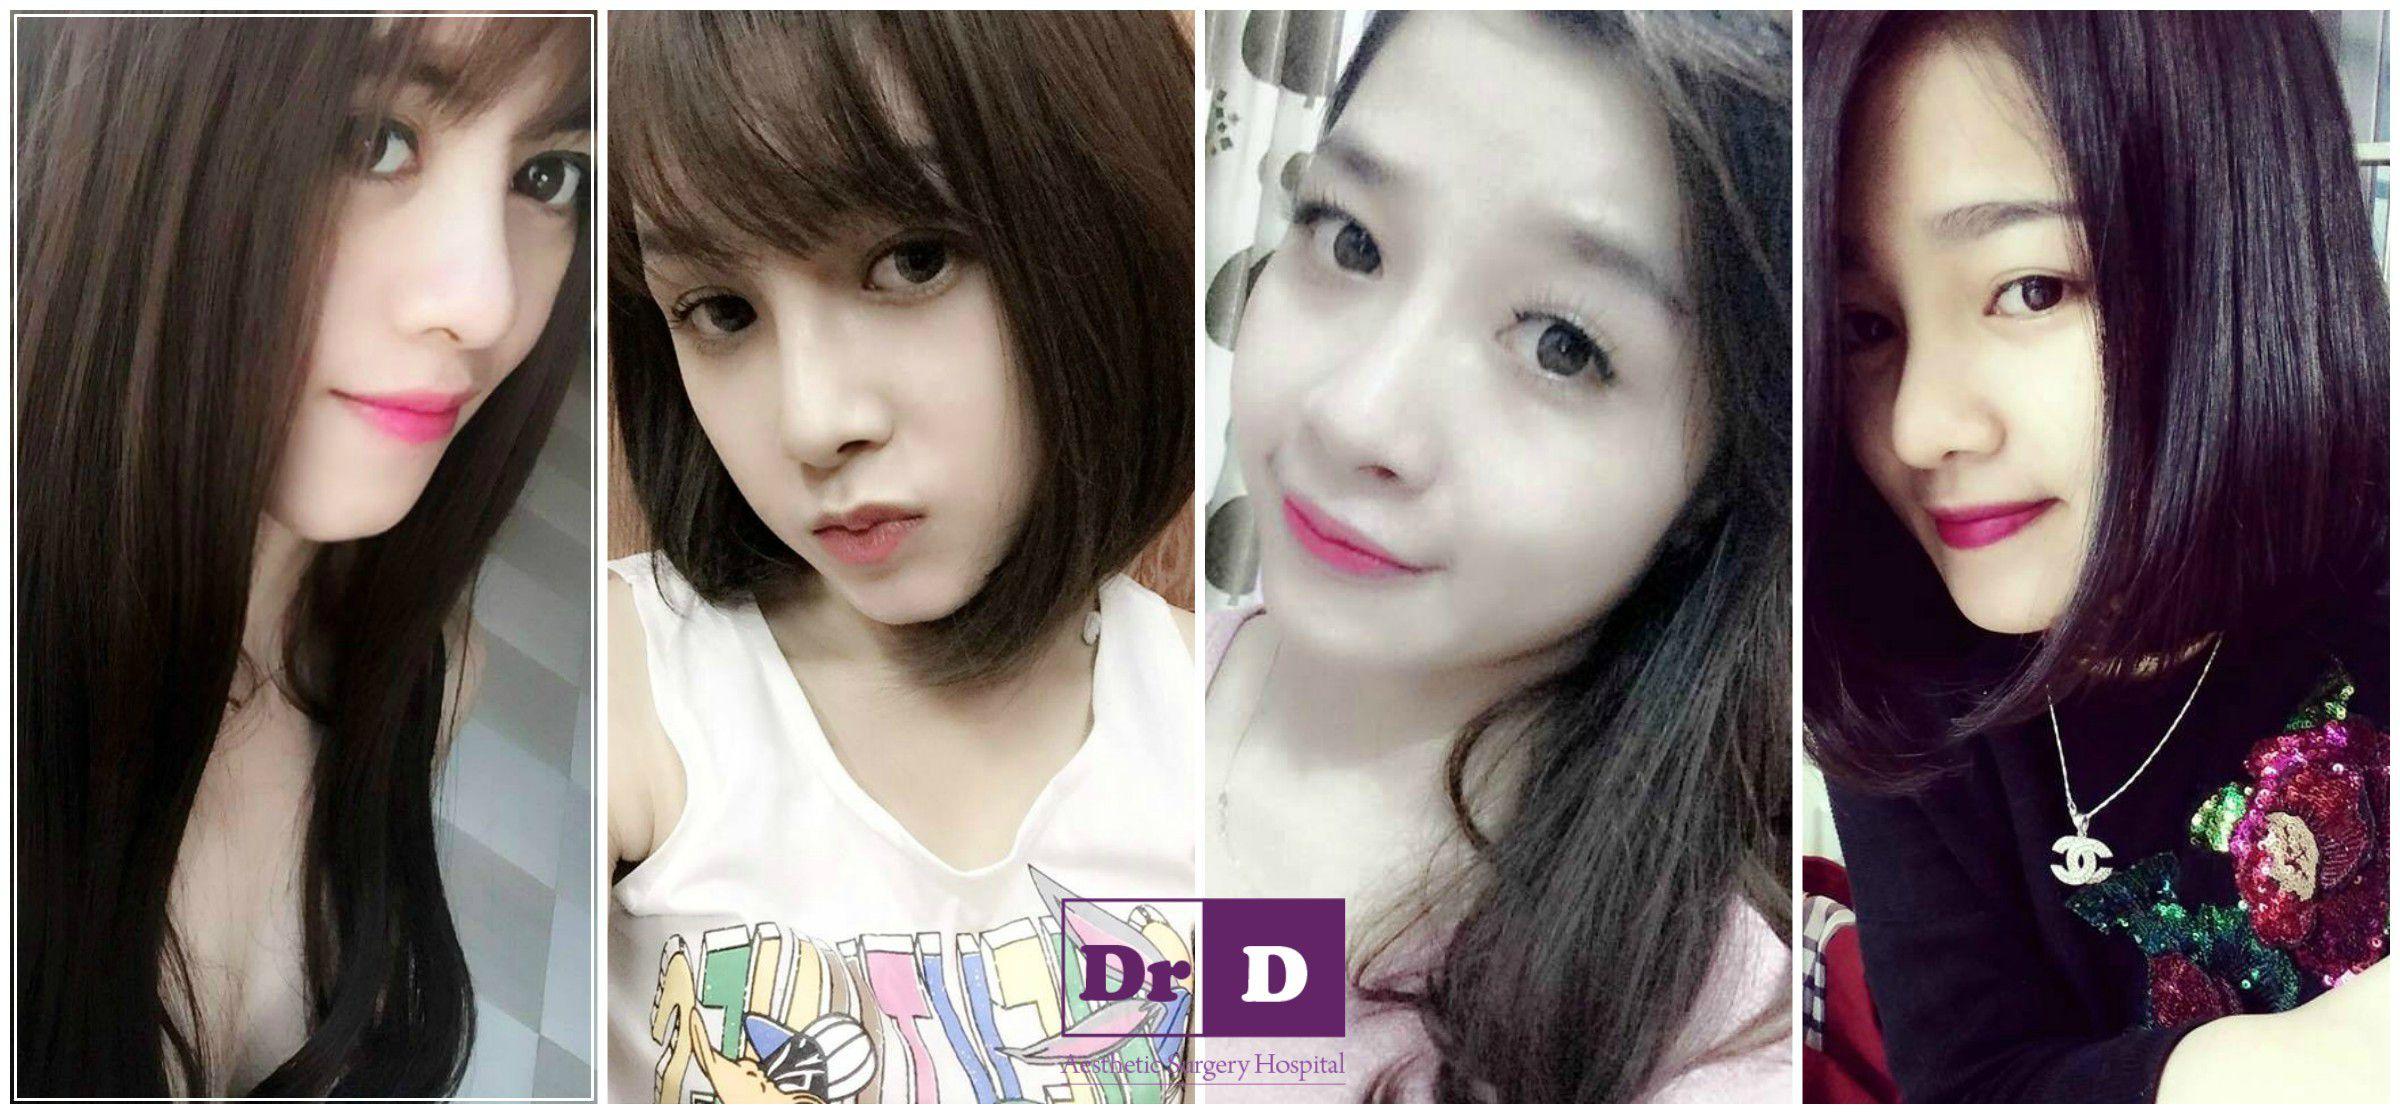 ban-da-tung-nang-mui-tai-benh-vien-dong-chua(2)3 Bạn đã từng nâng mũi tại bệnh viện Đông Đô chưa?